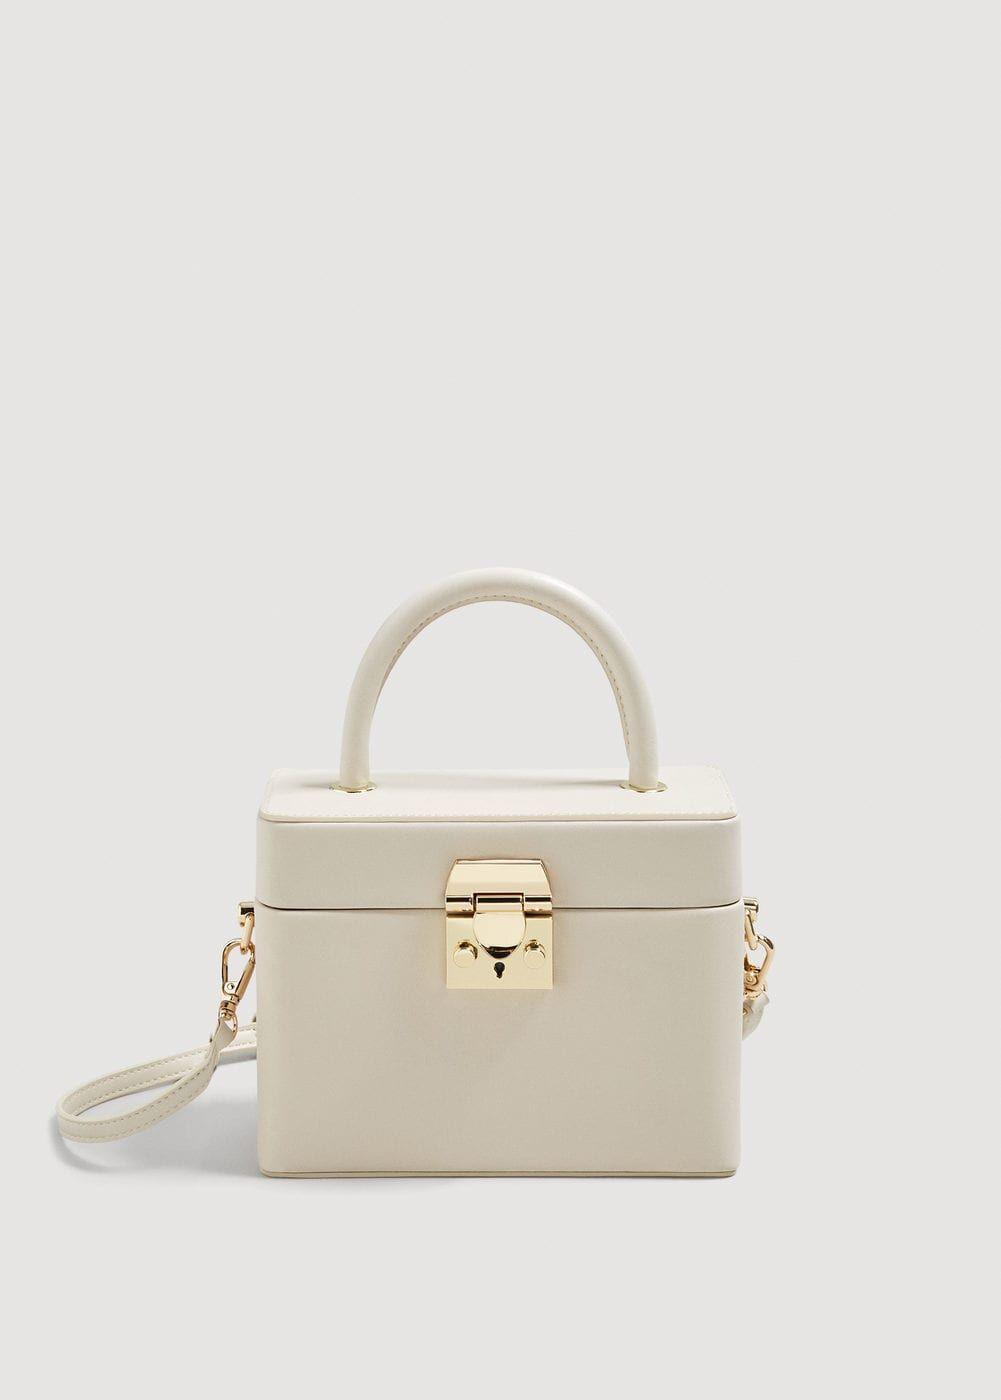 Какую сумку покупают женщины этой осенью? Ведро!